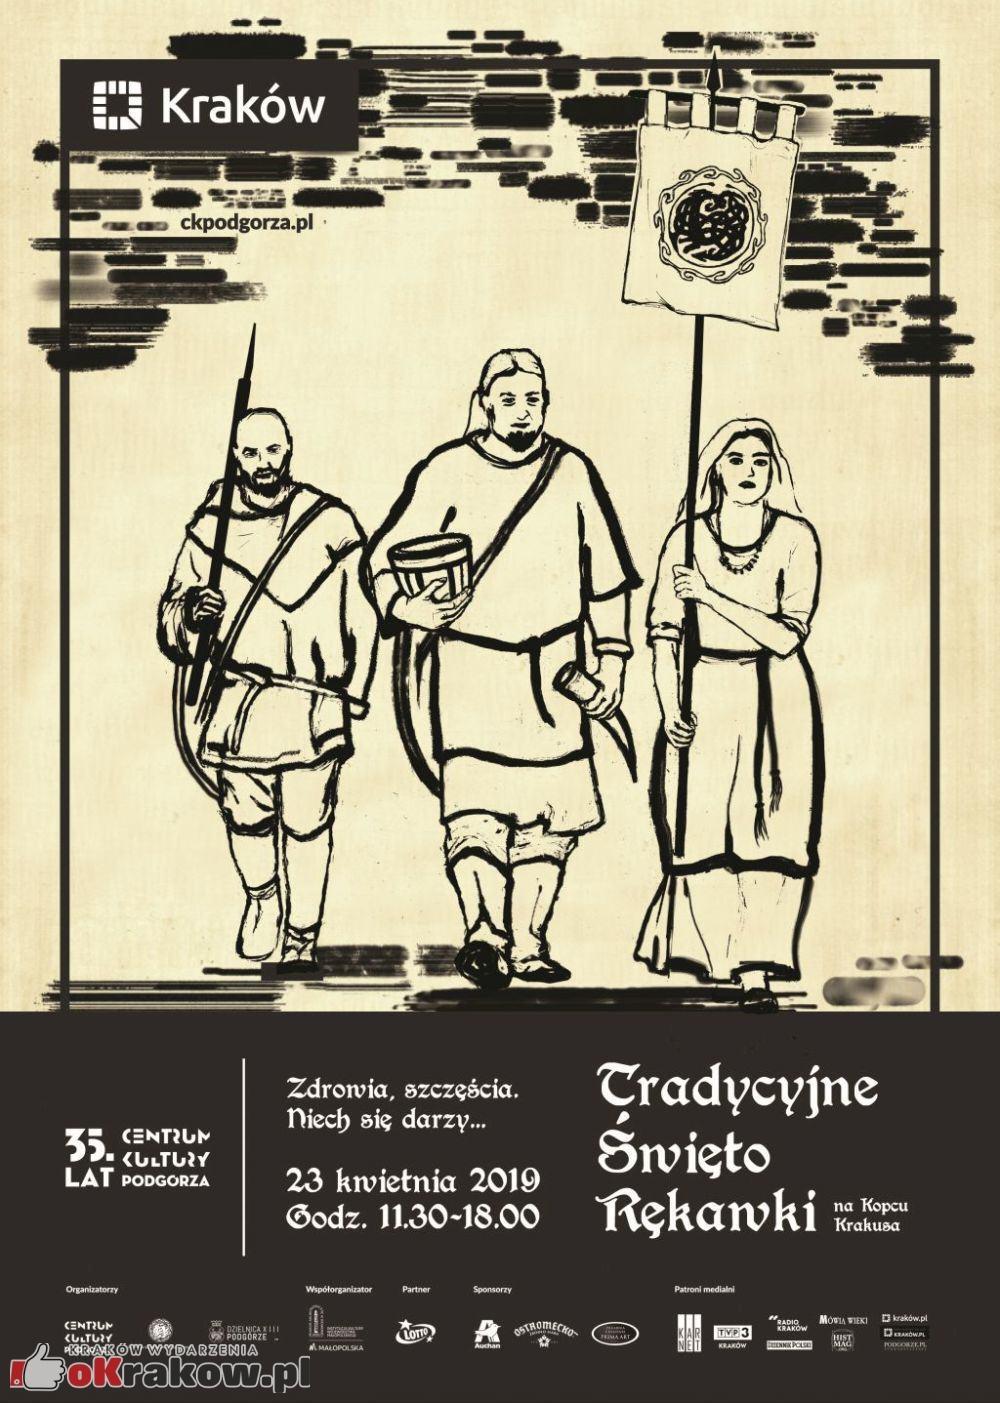 tradycyjne swieto rekawki kopiec krakus krakow - Program Święta Rękawki na Kopcu Krakusa. 23 kwiecień 2019